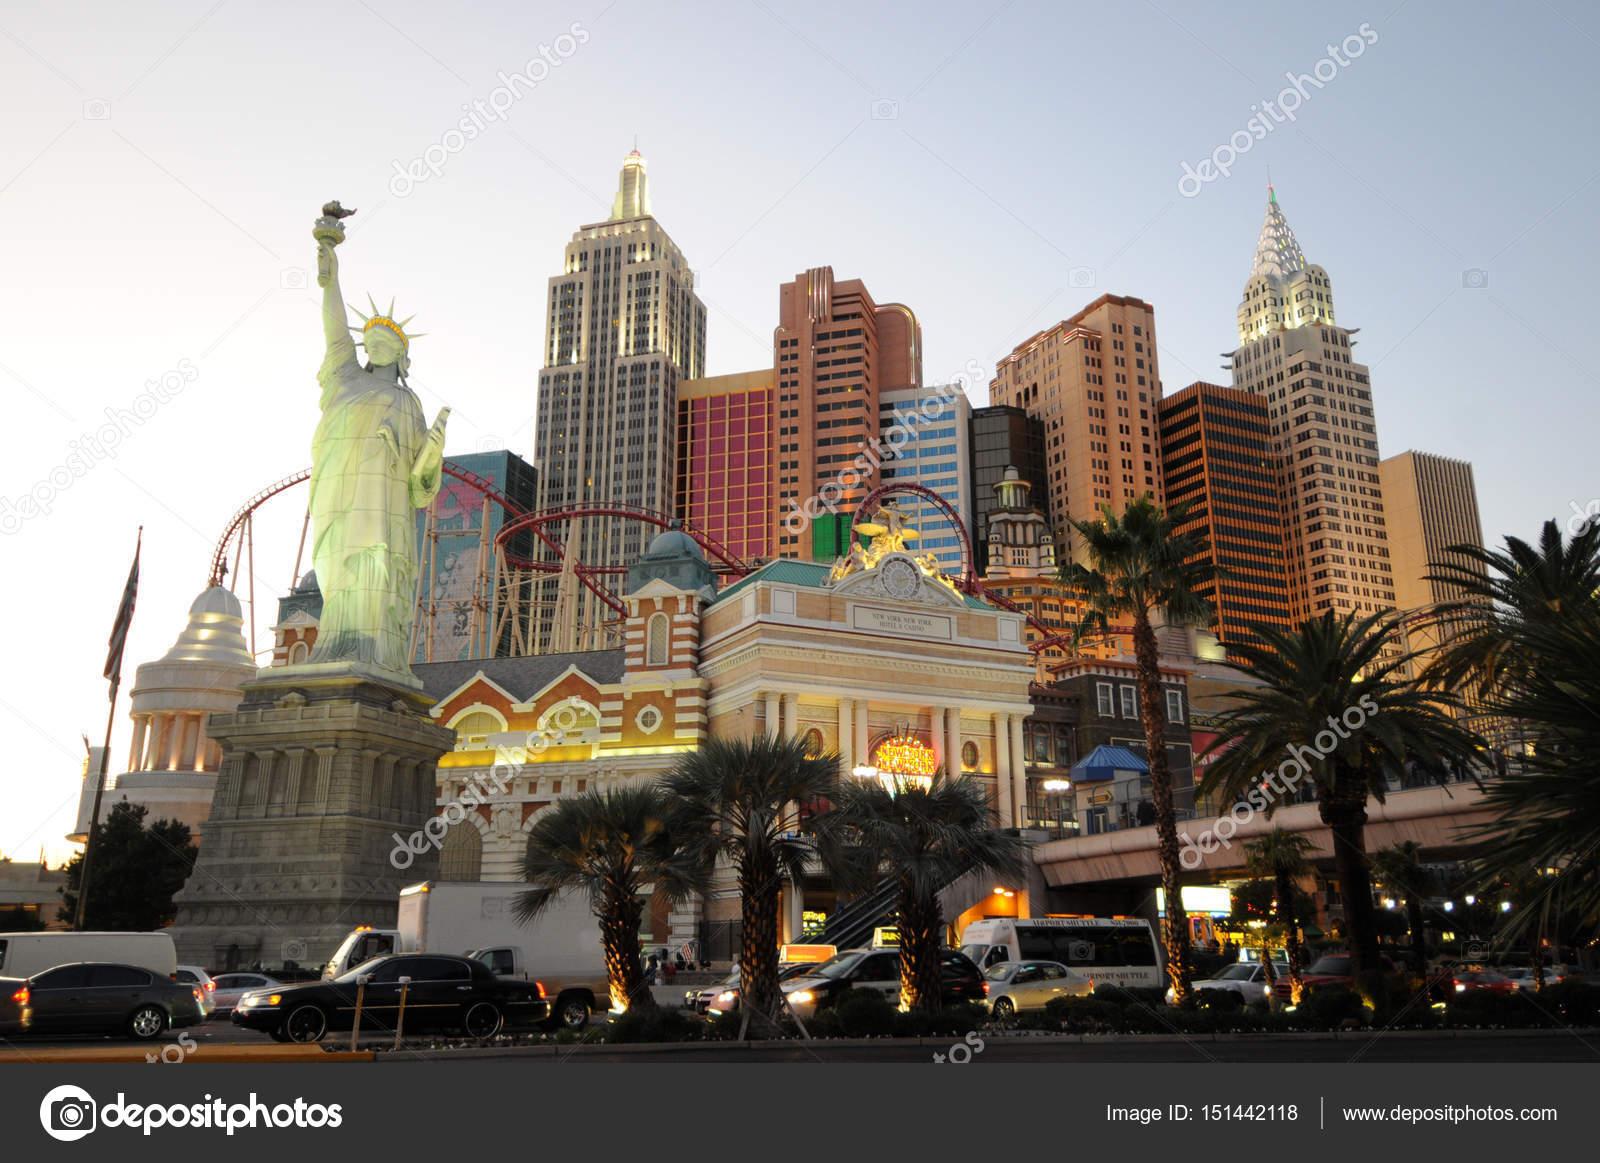 Mobile casino 2020